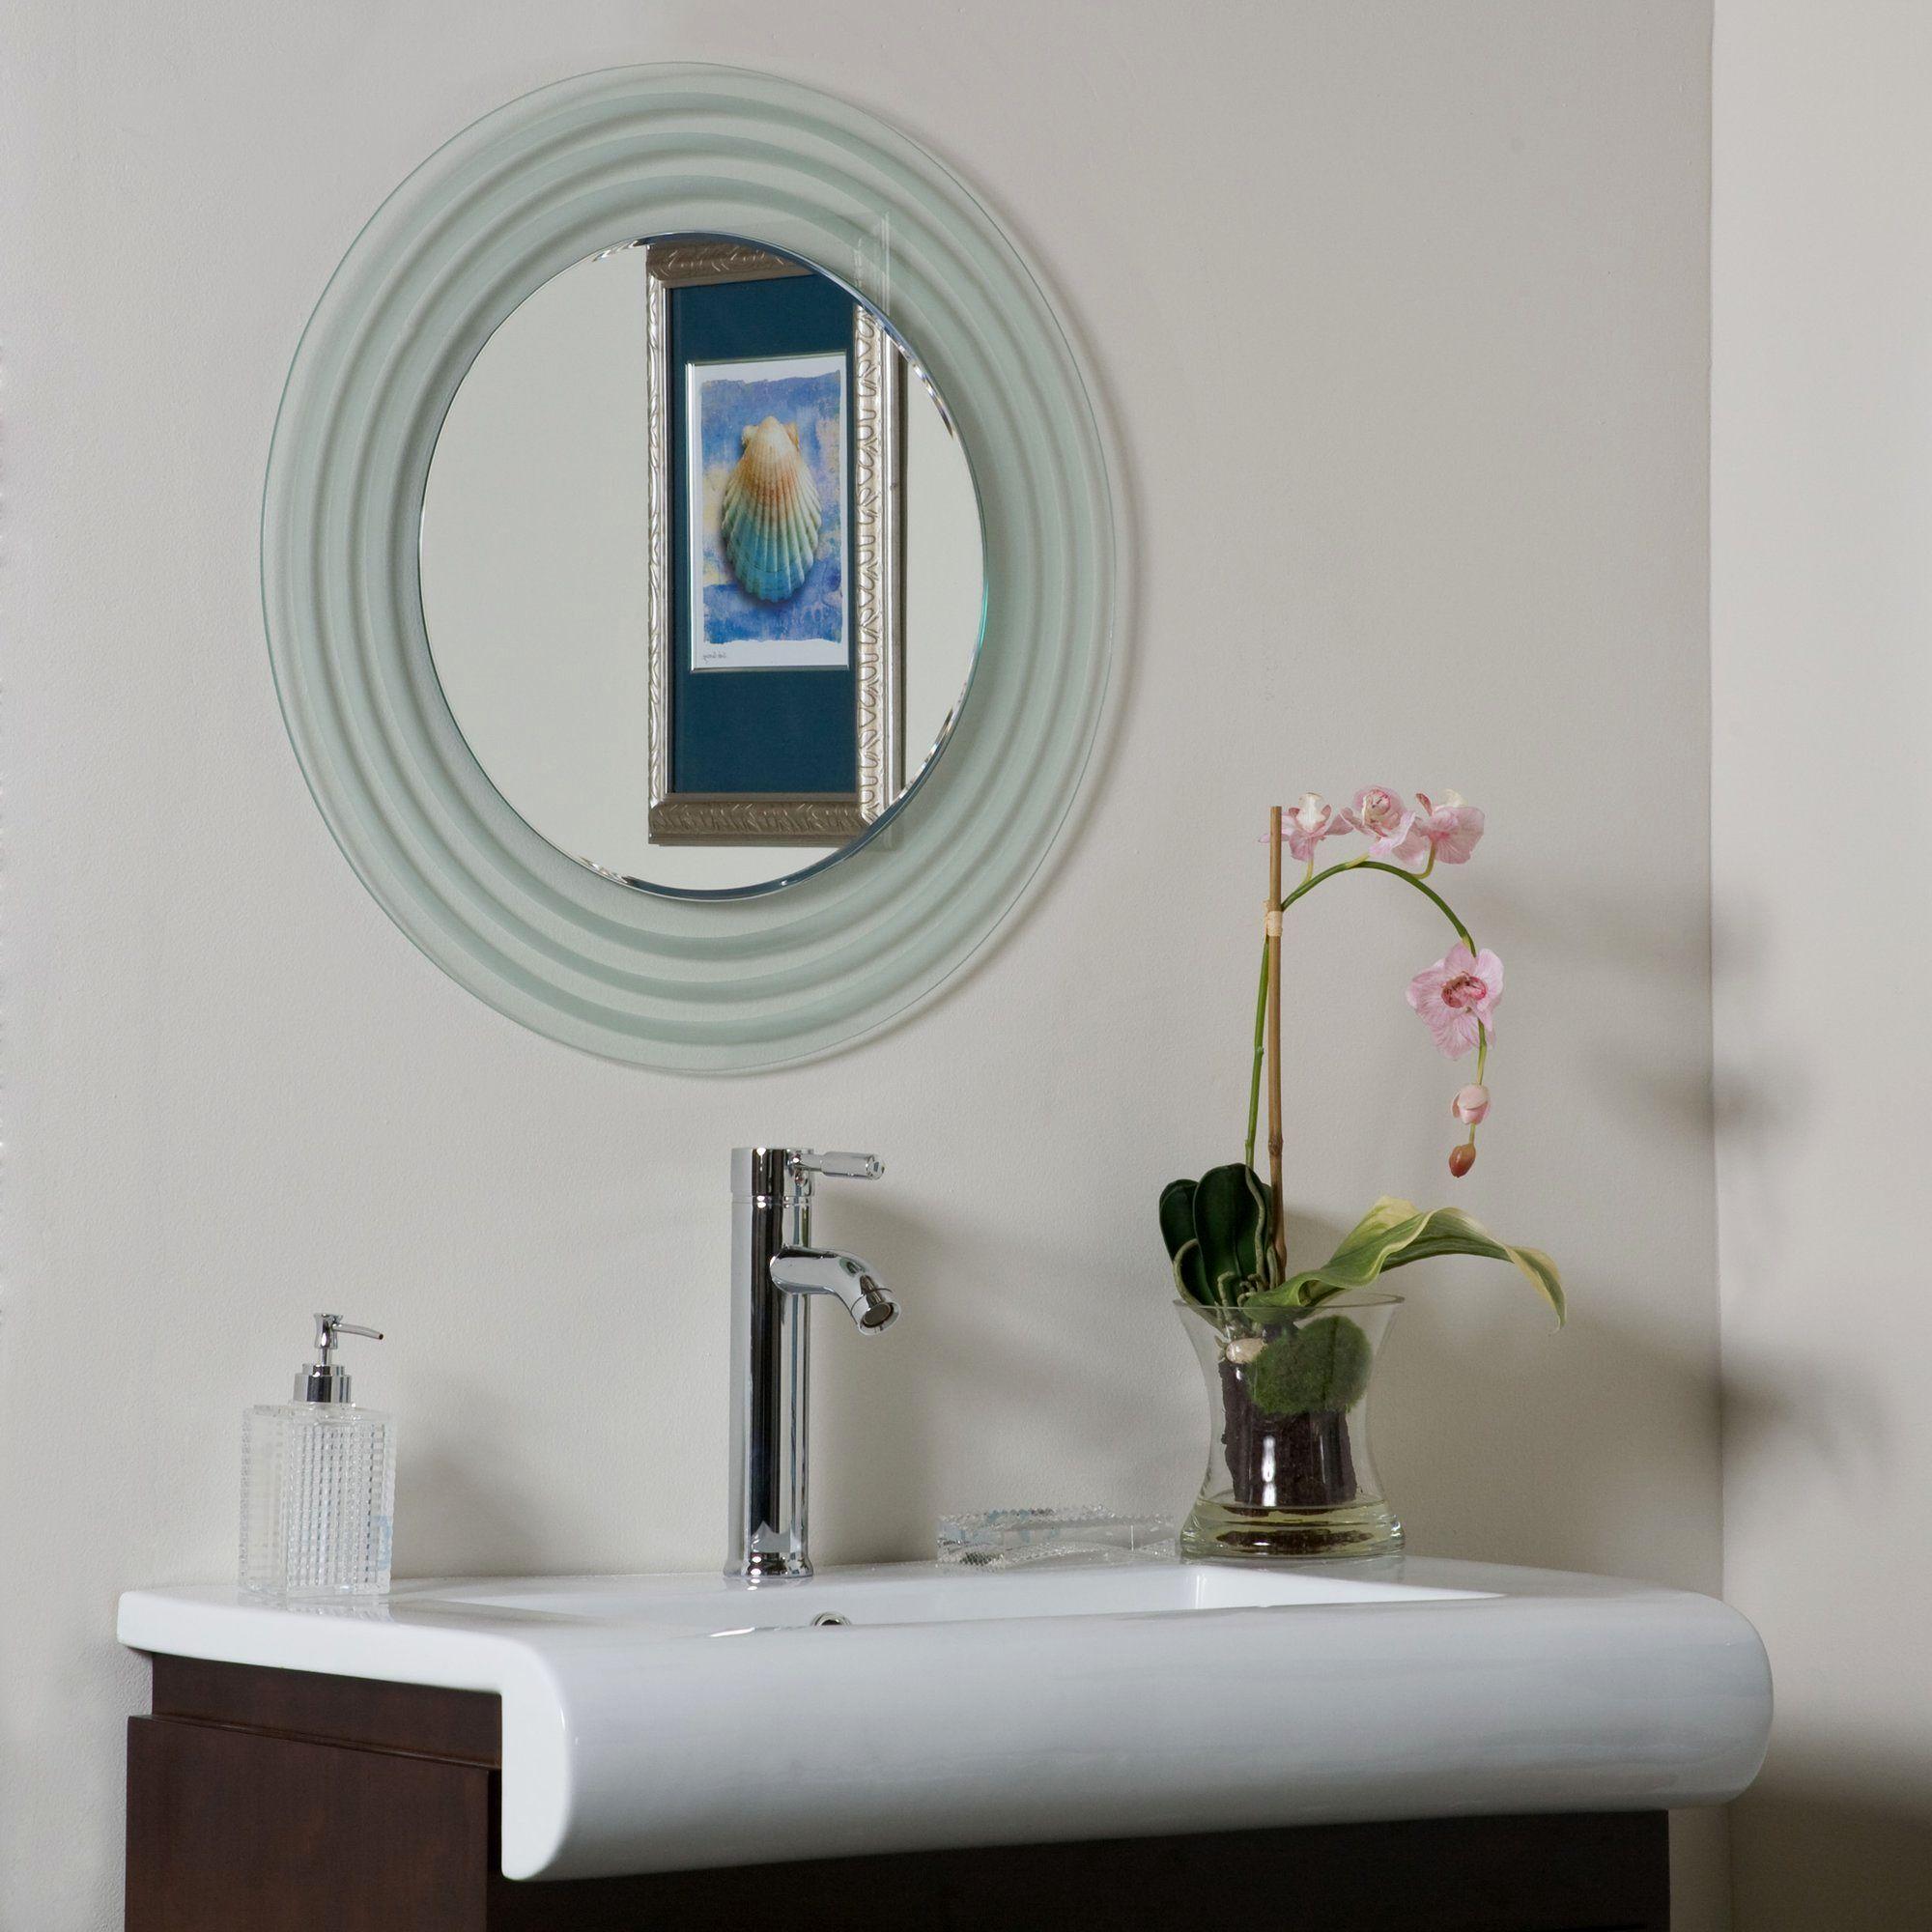 amazing bathroom frameless mirror décor-Awesome Bathroom Frameless Mirror Concept